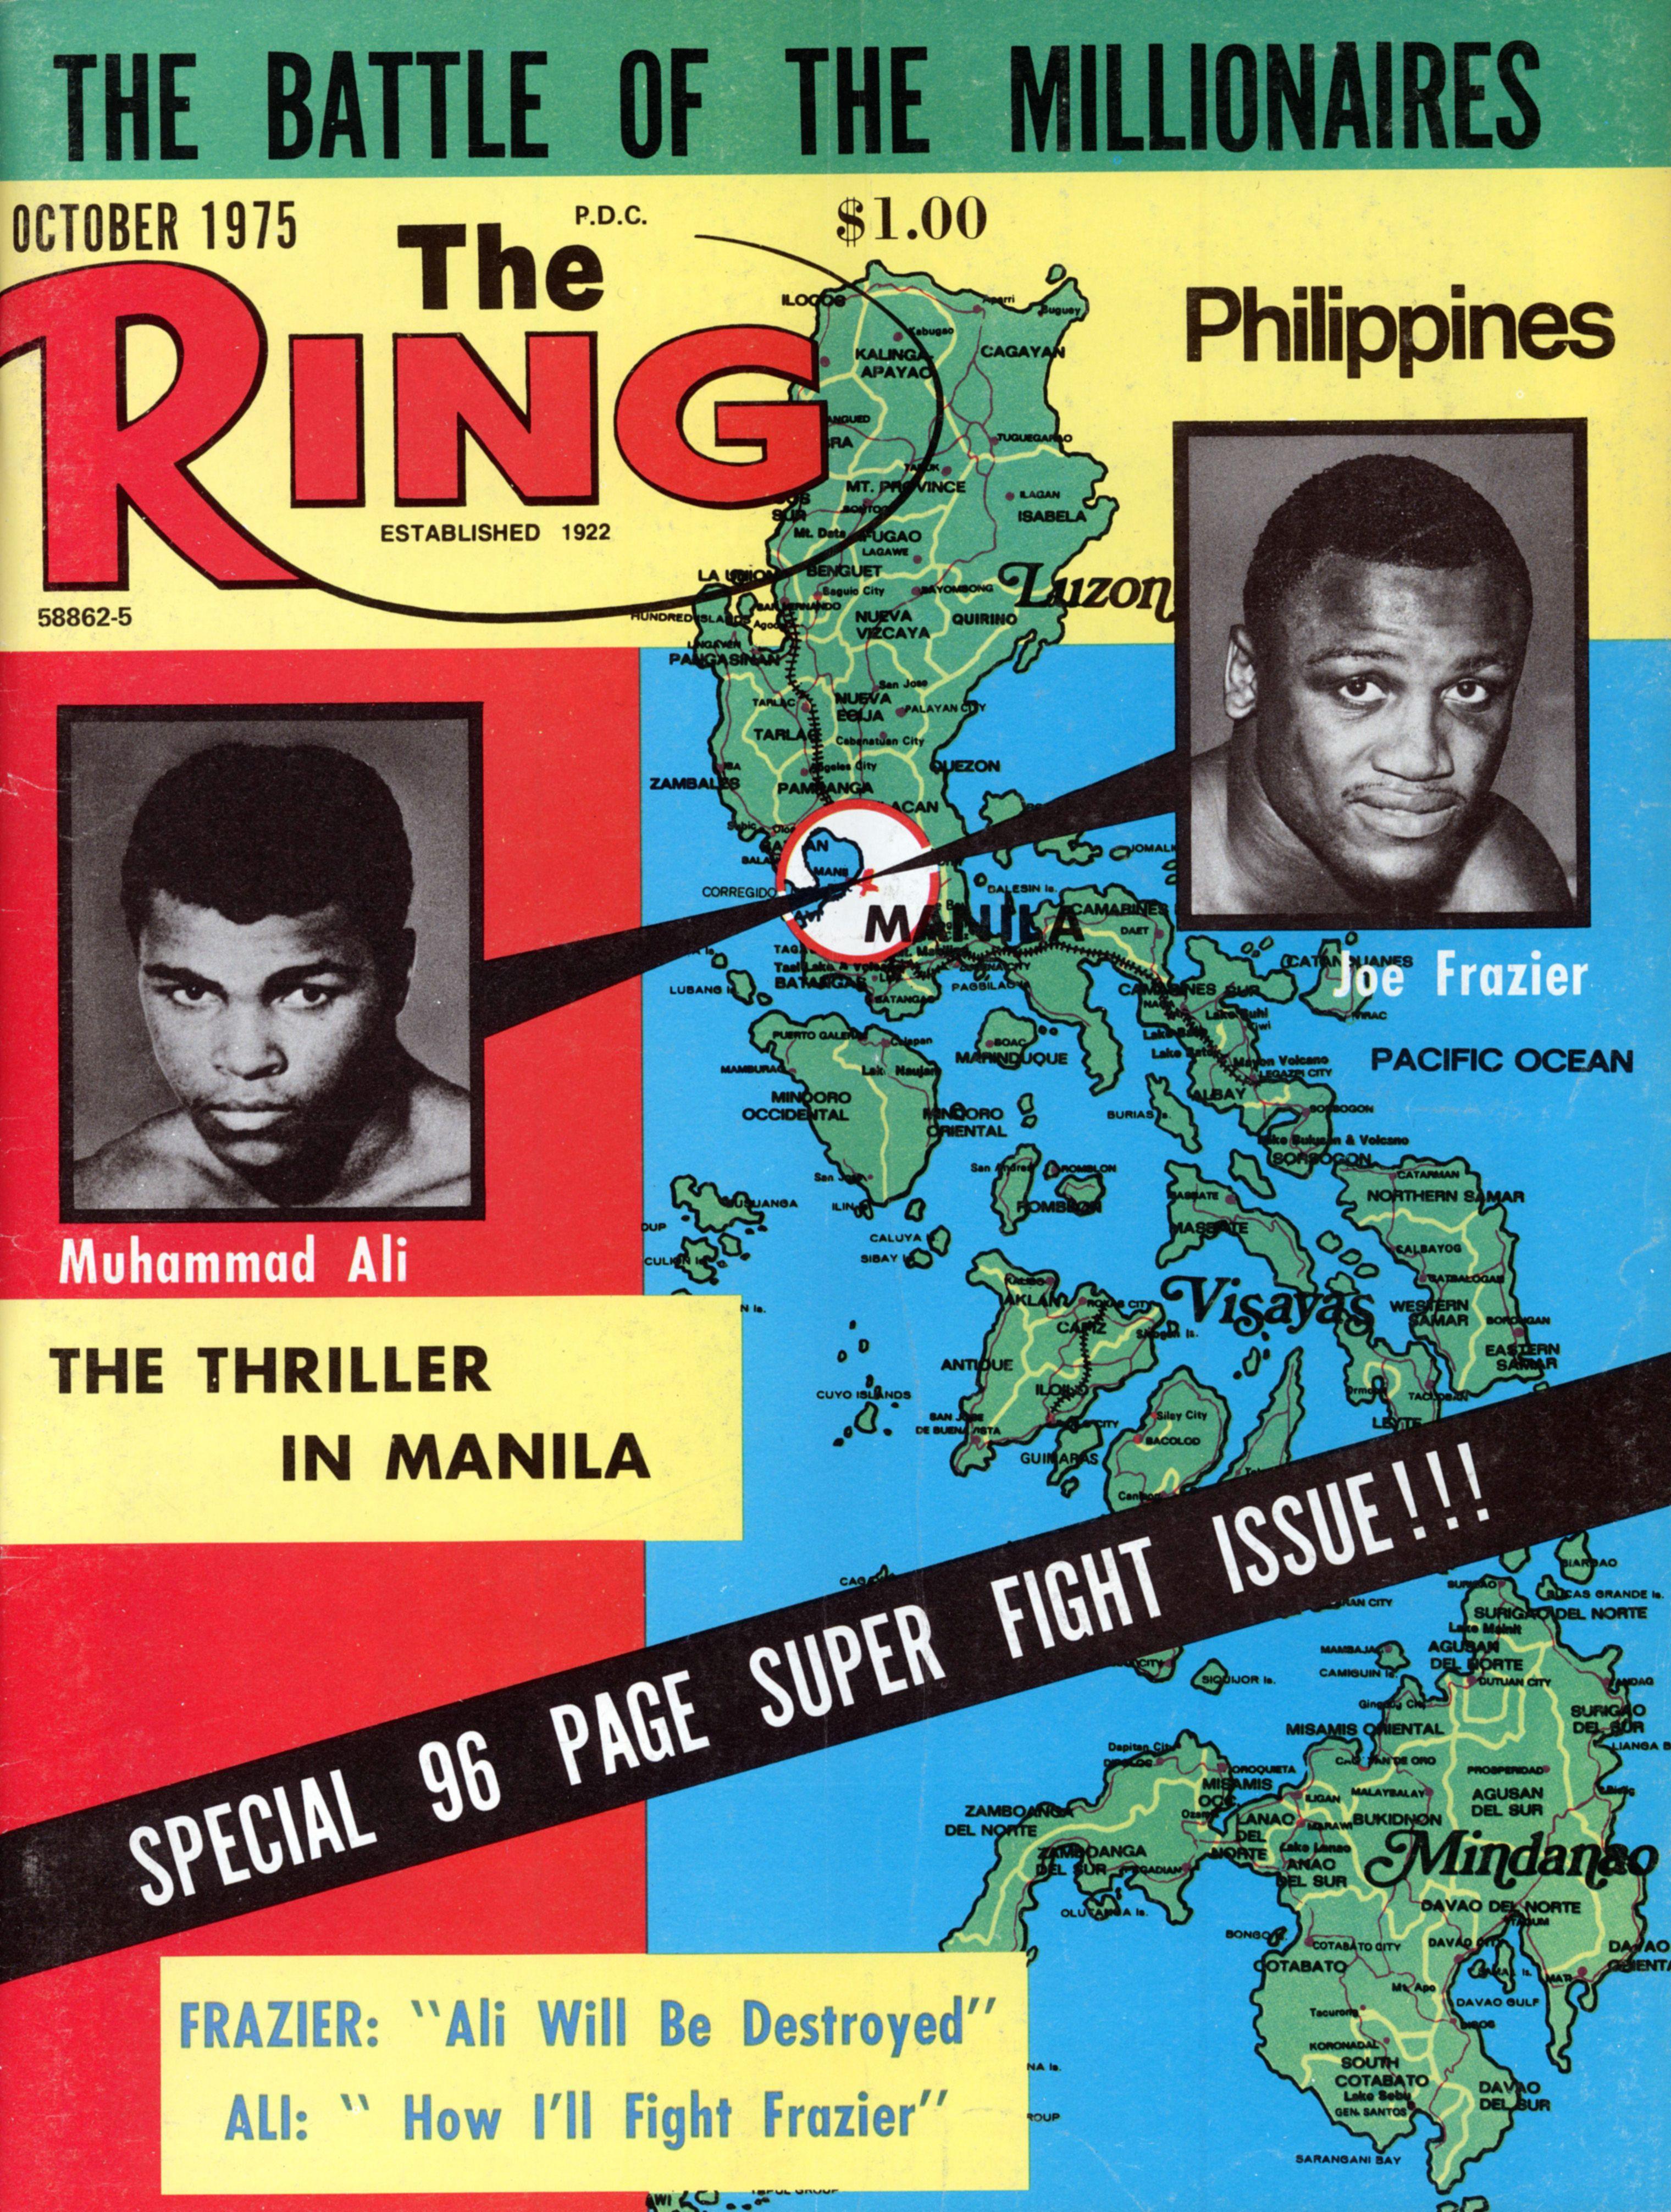 Thrilla in Manilla magazine cover